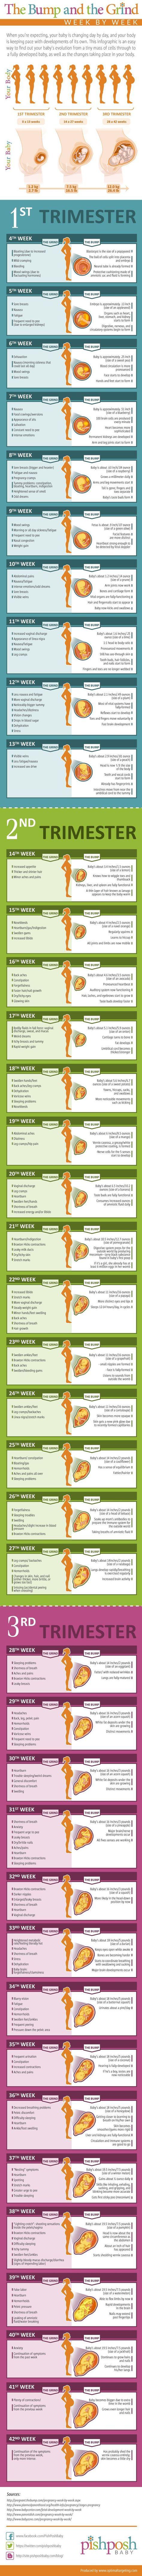 Pregnancy Week by Week Chart: